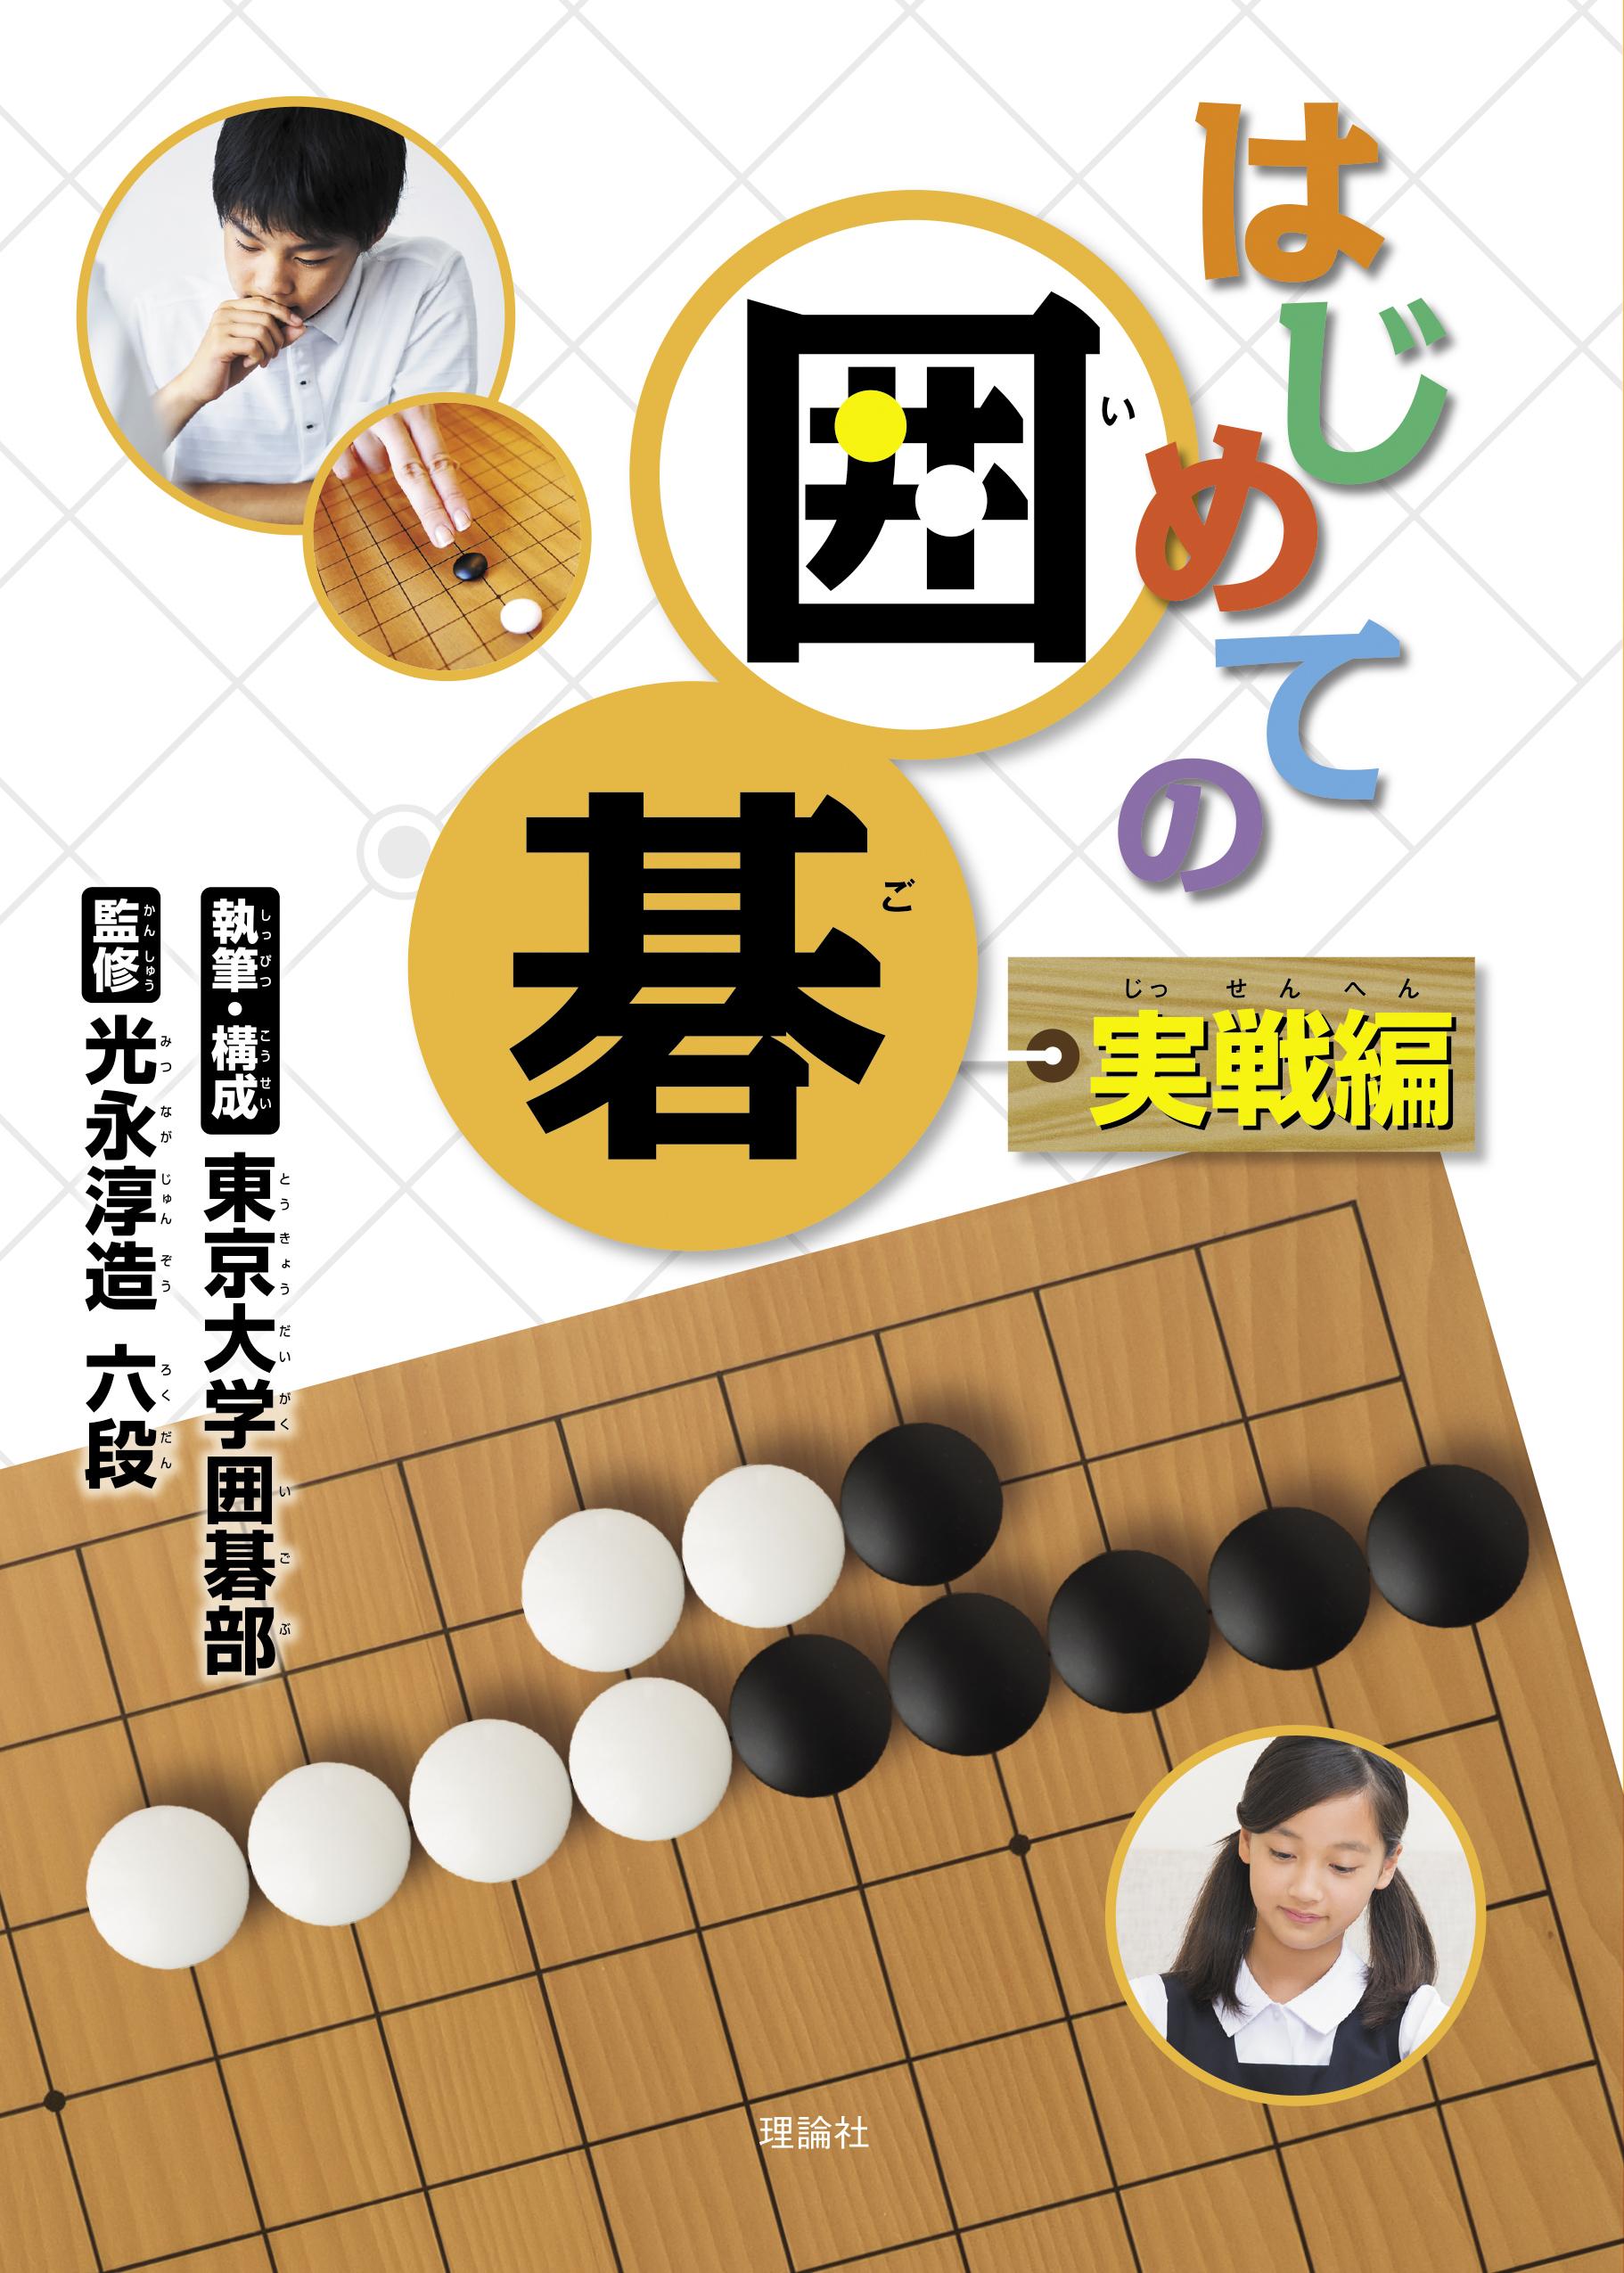 はじめての囲碁 実戦編